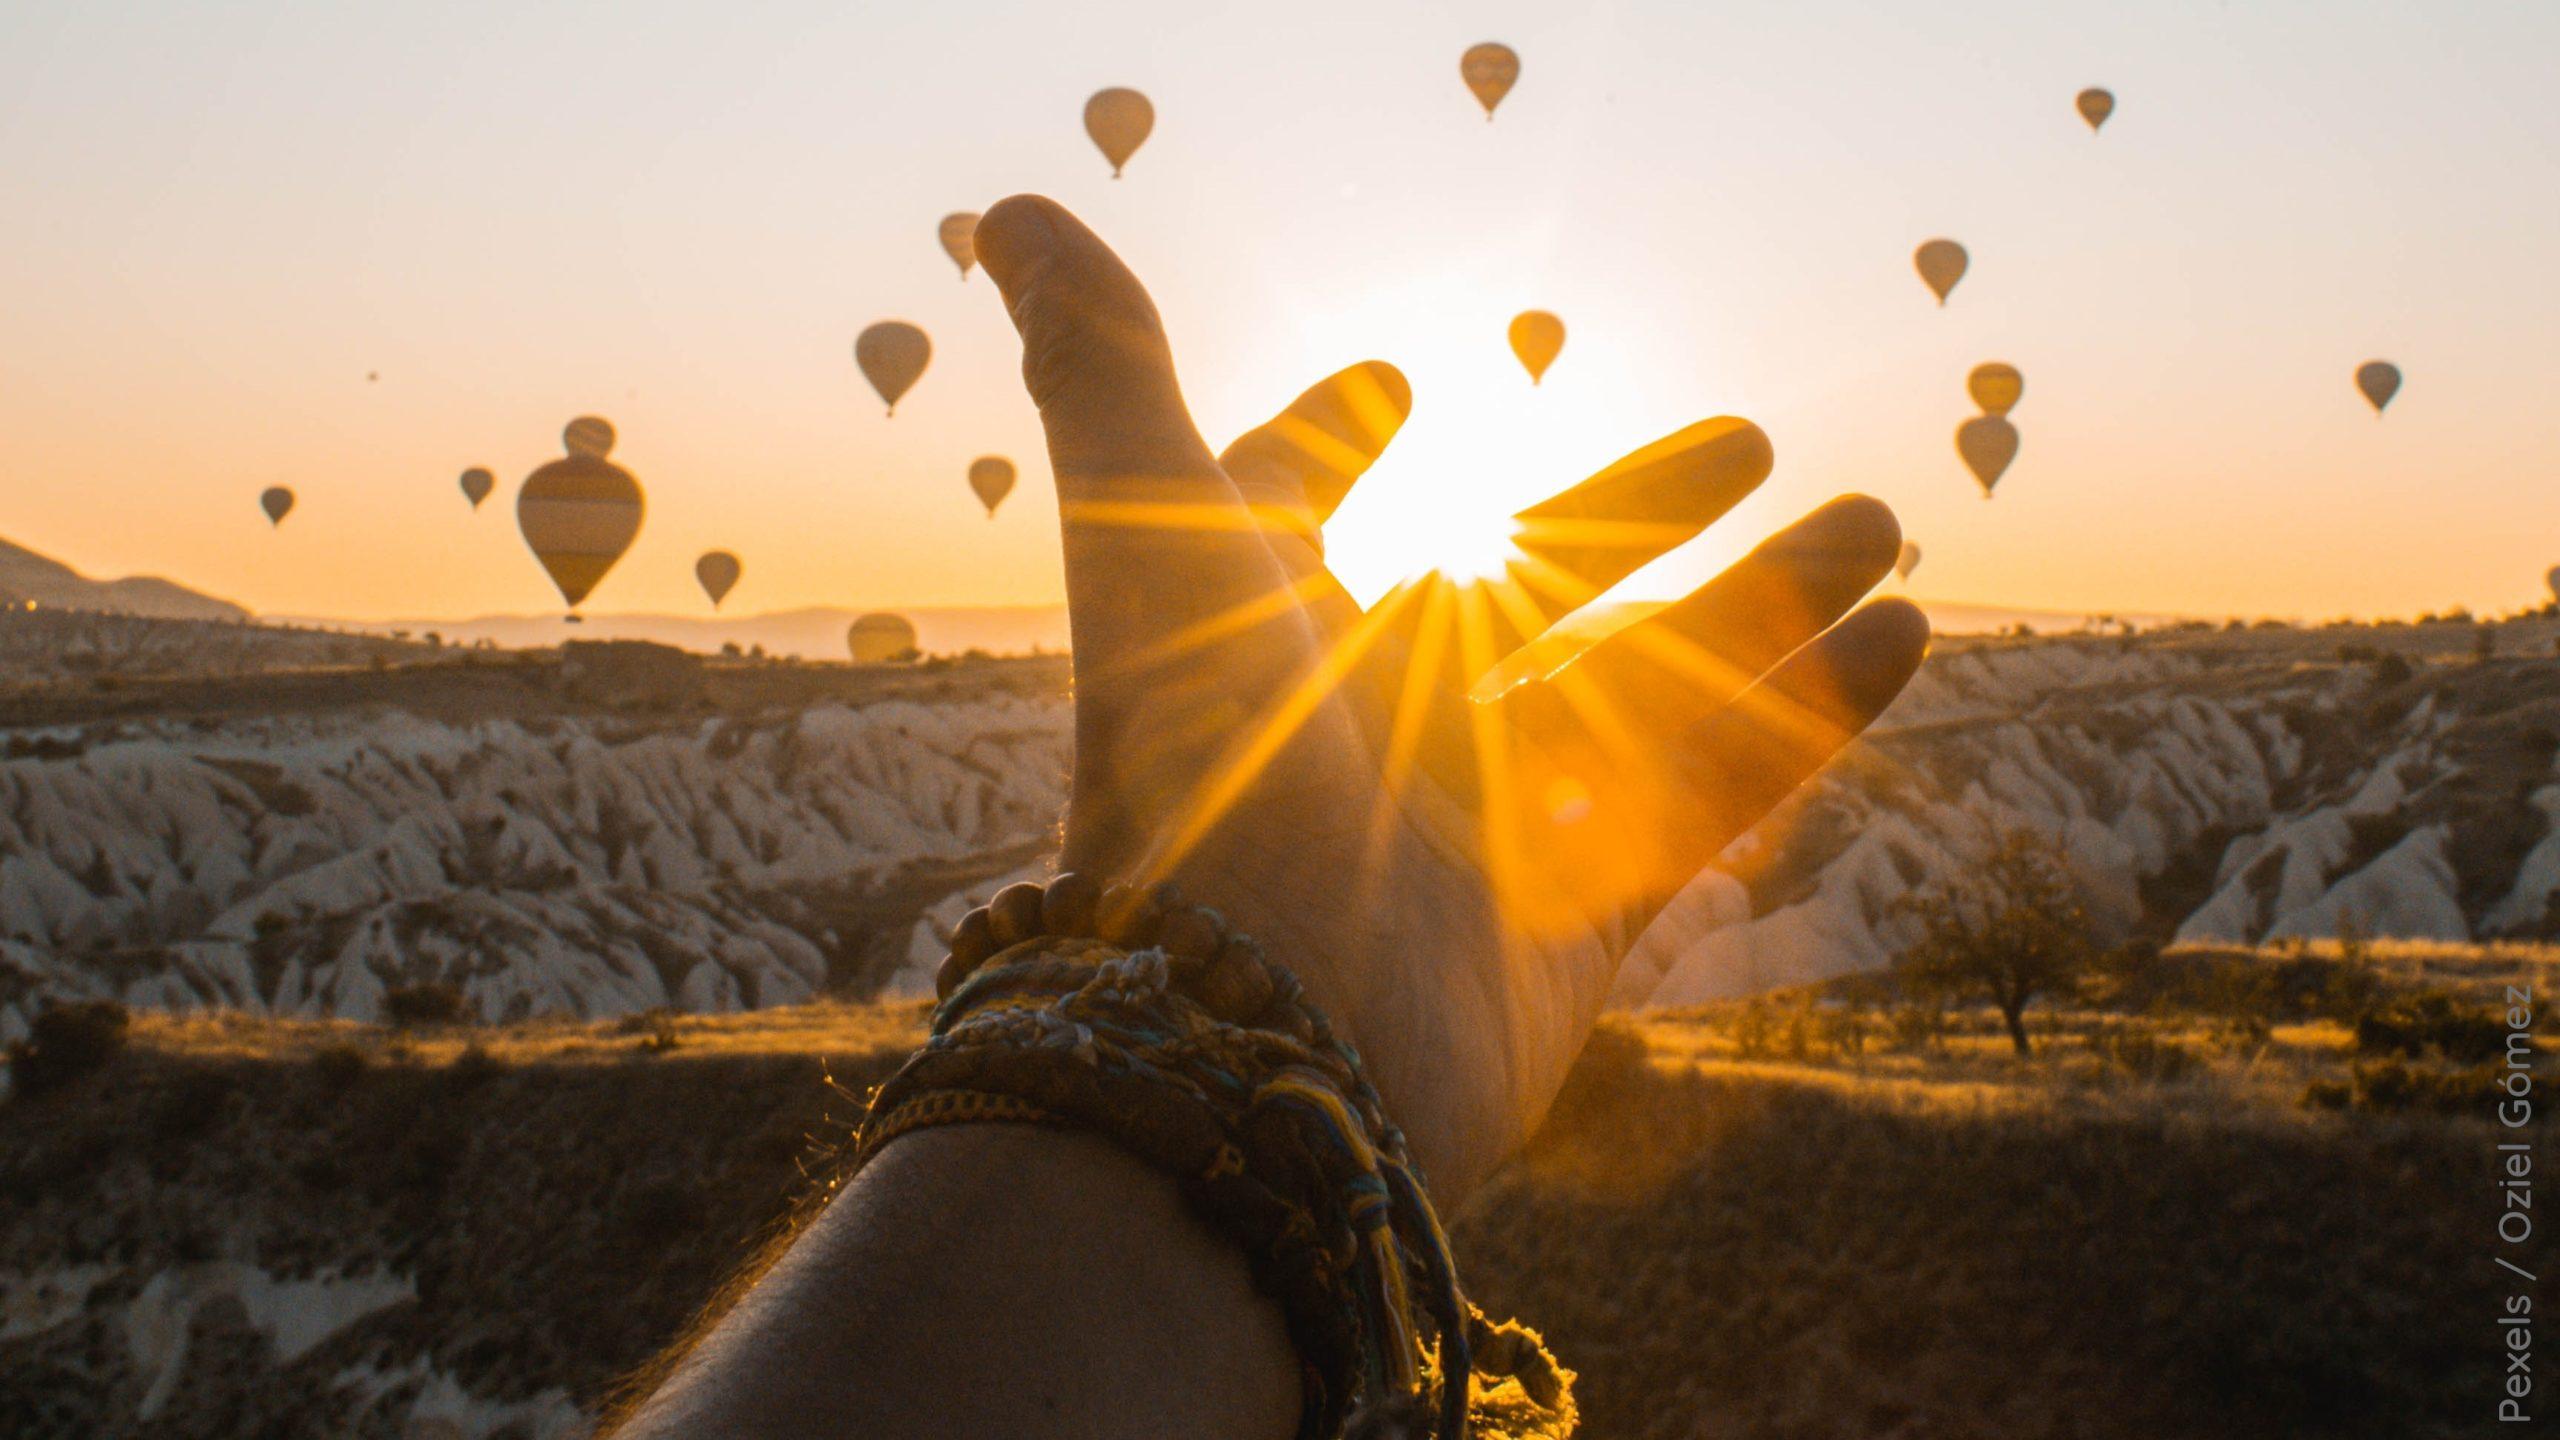 Fliegende-Ballon-Menschen-Sonnenuntergang